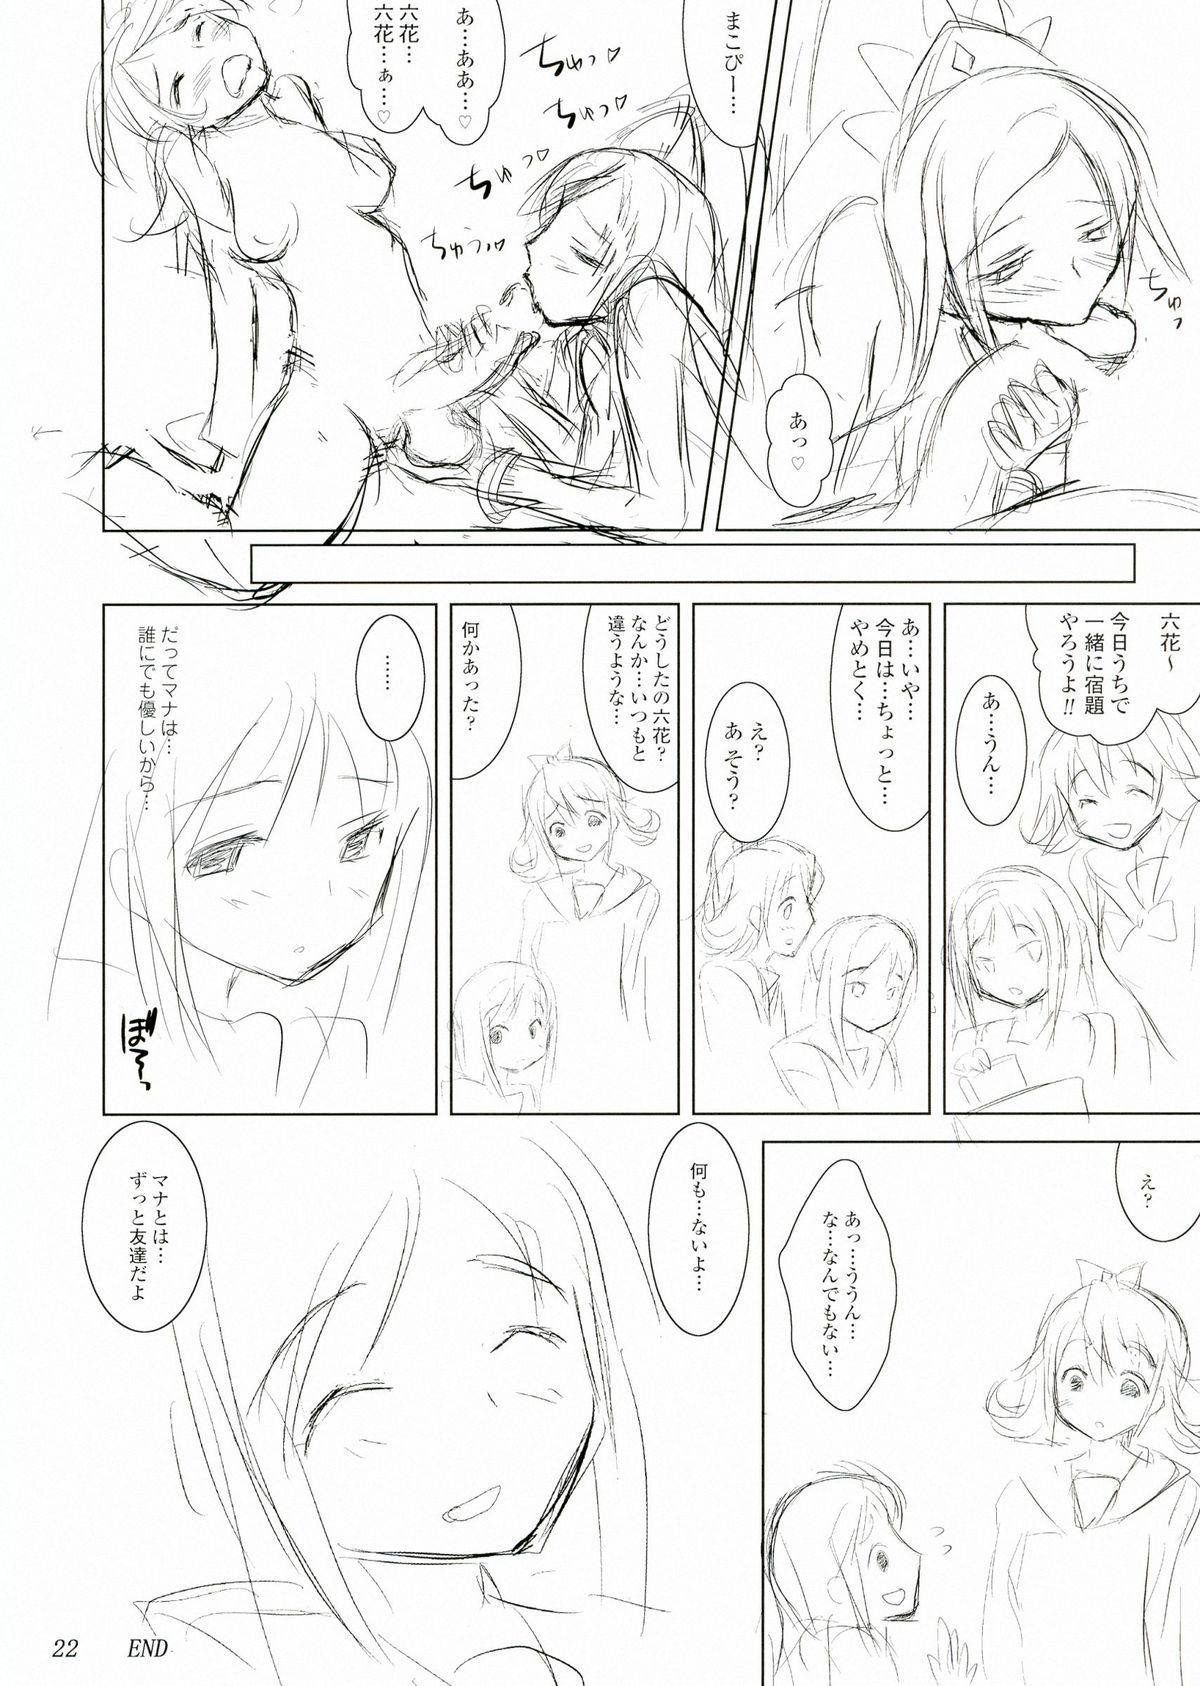 Makopi- ni Haeteta Chinpo wa Rikka ni Ijime rareru to Nando demo Shasei shichau no 21